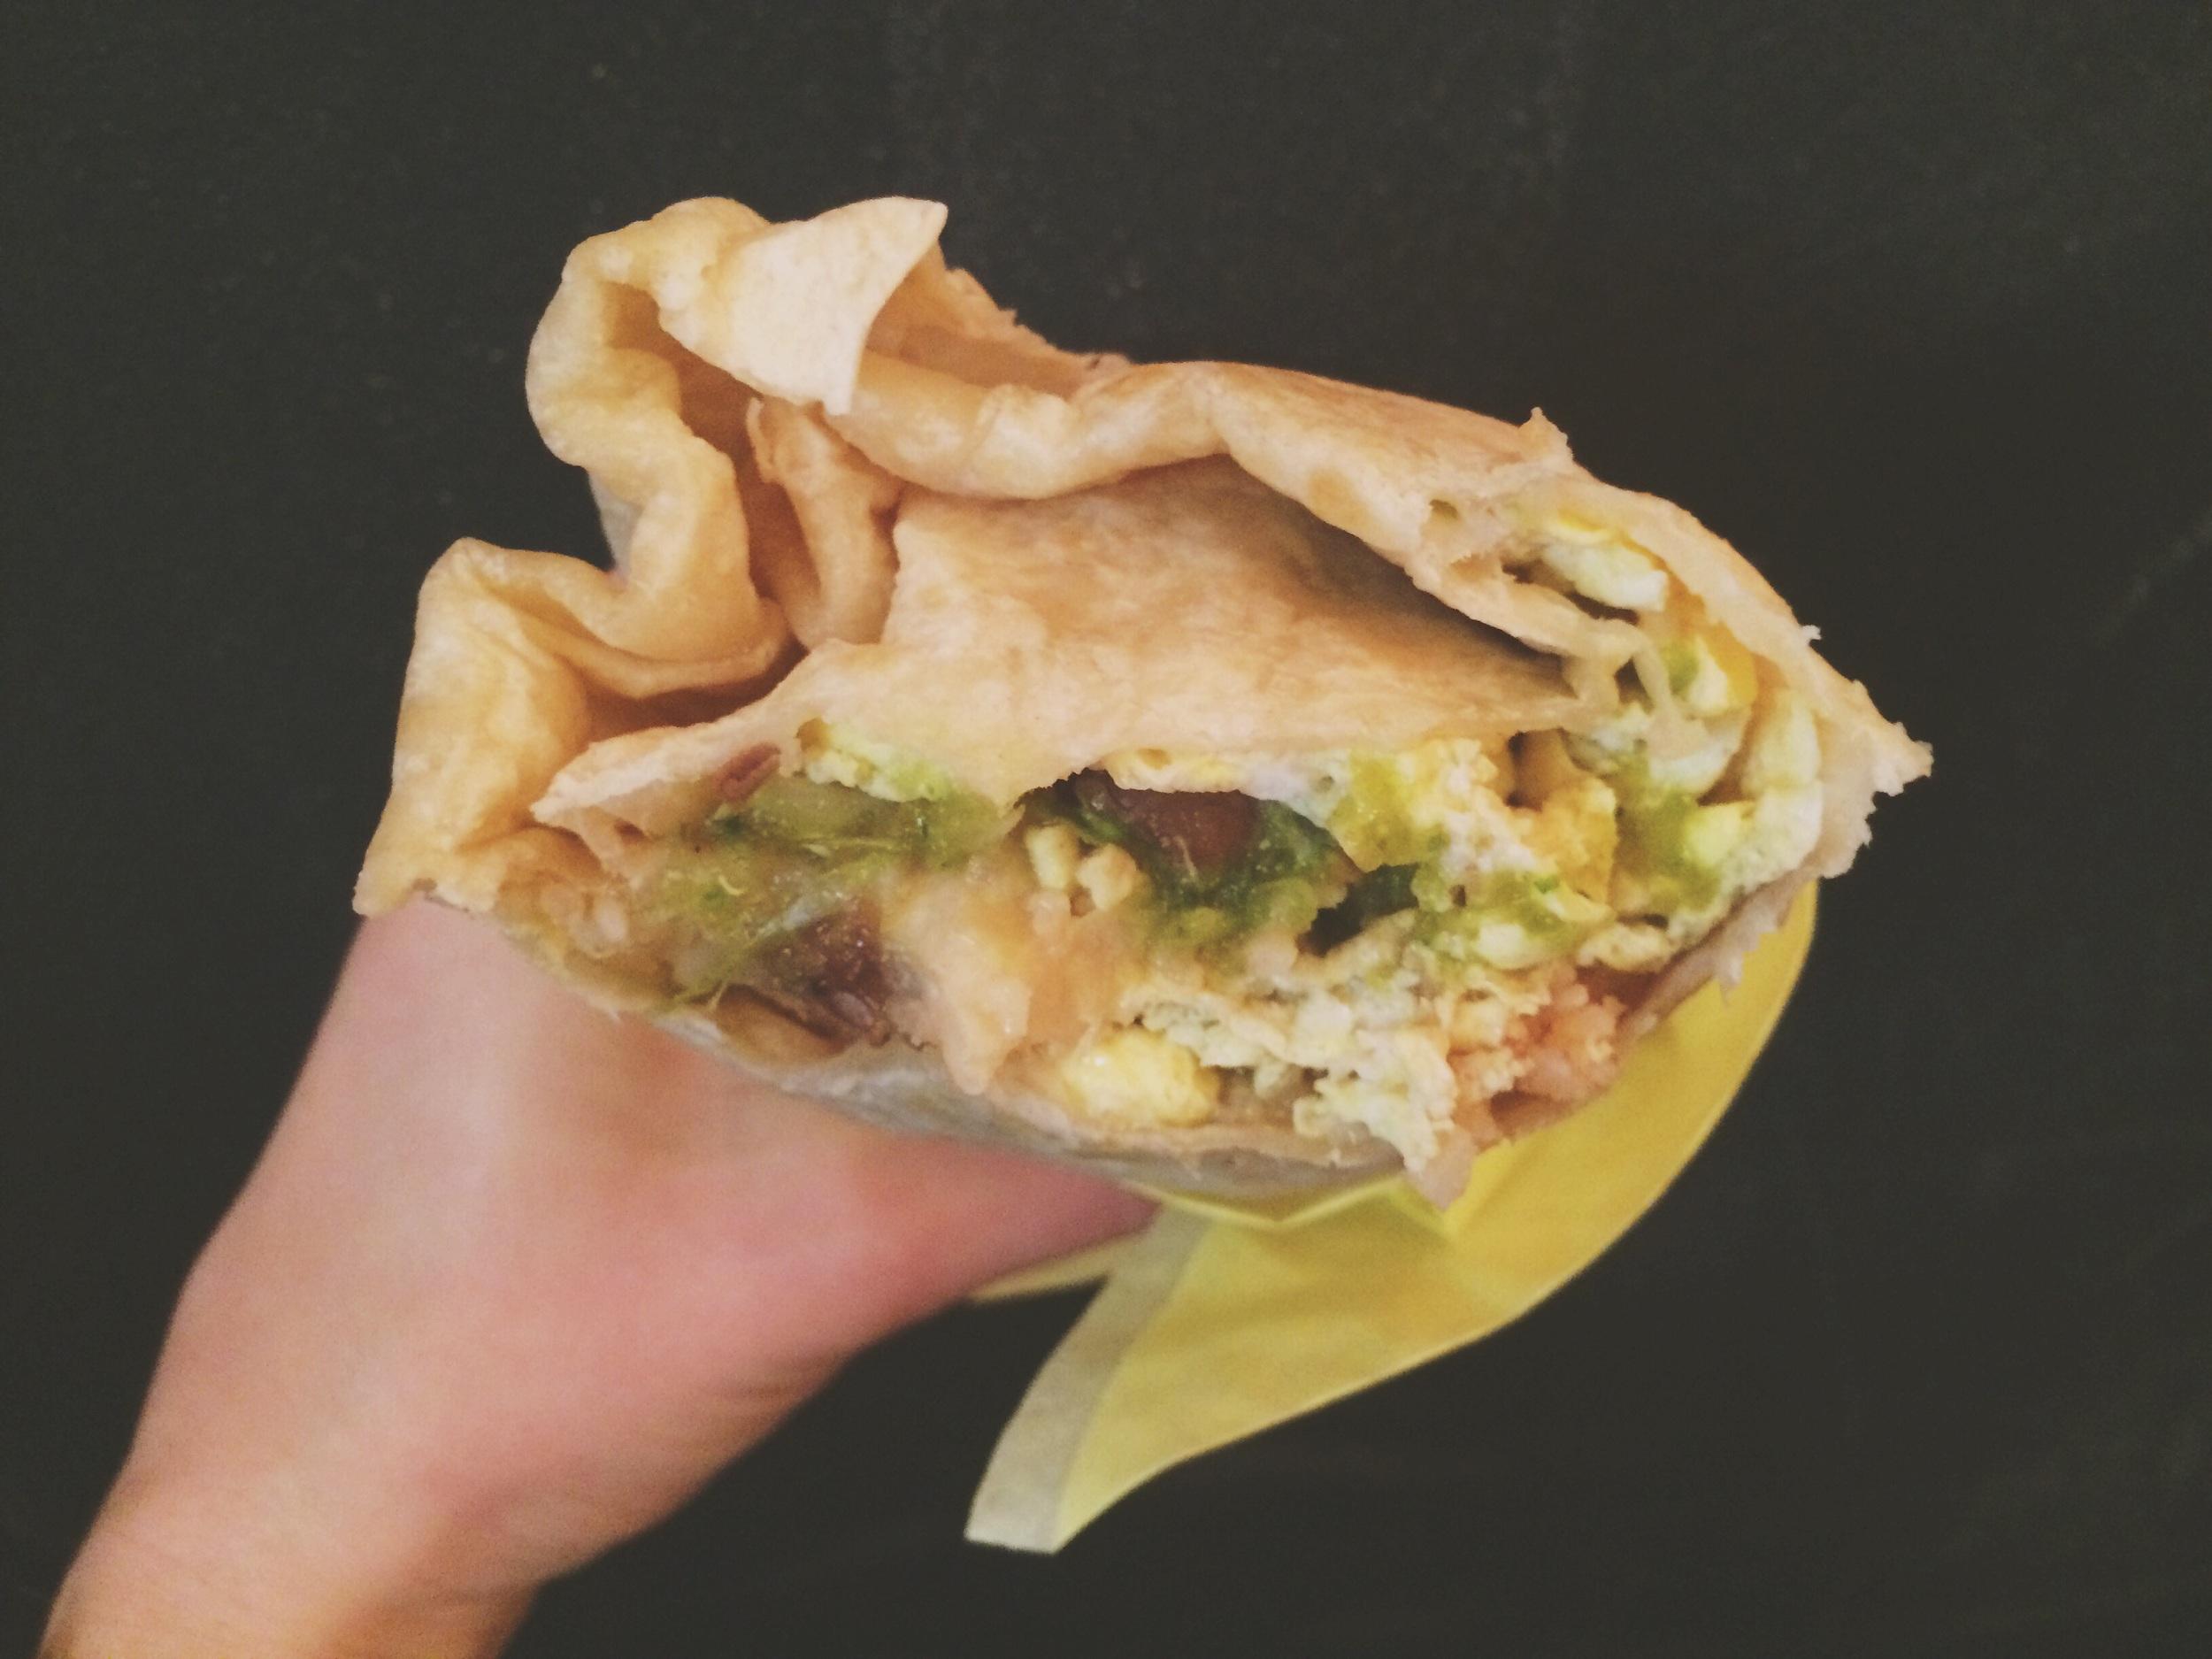 My breakfast burrito from La Jorochita food truck